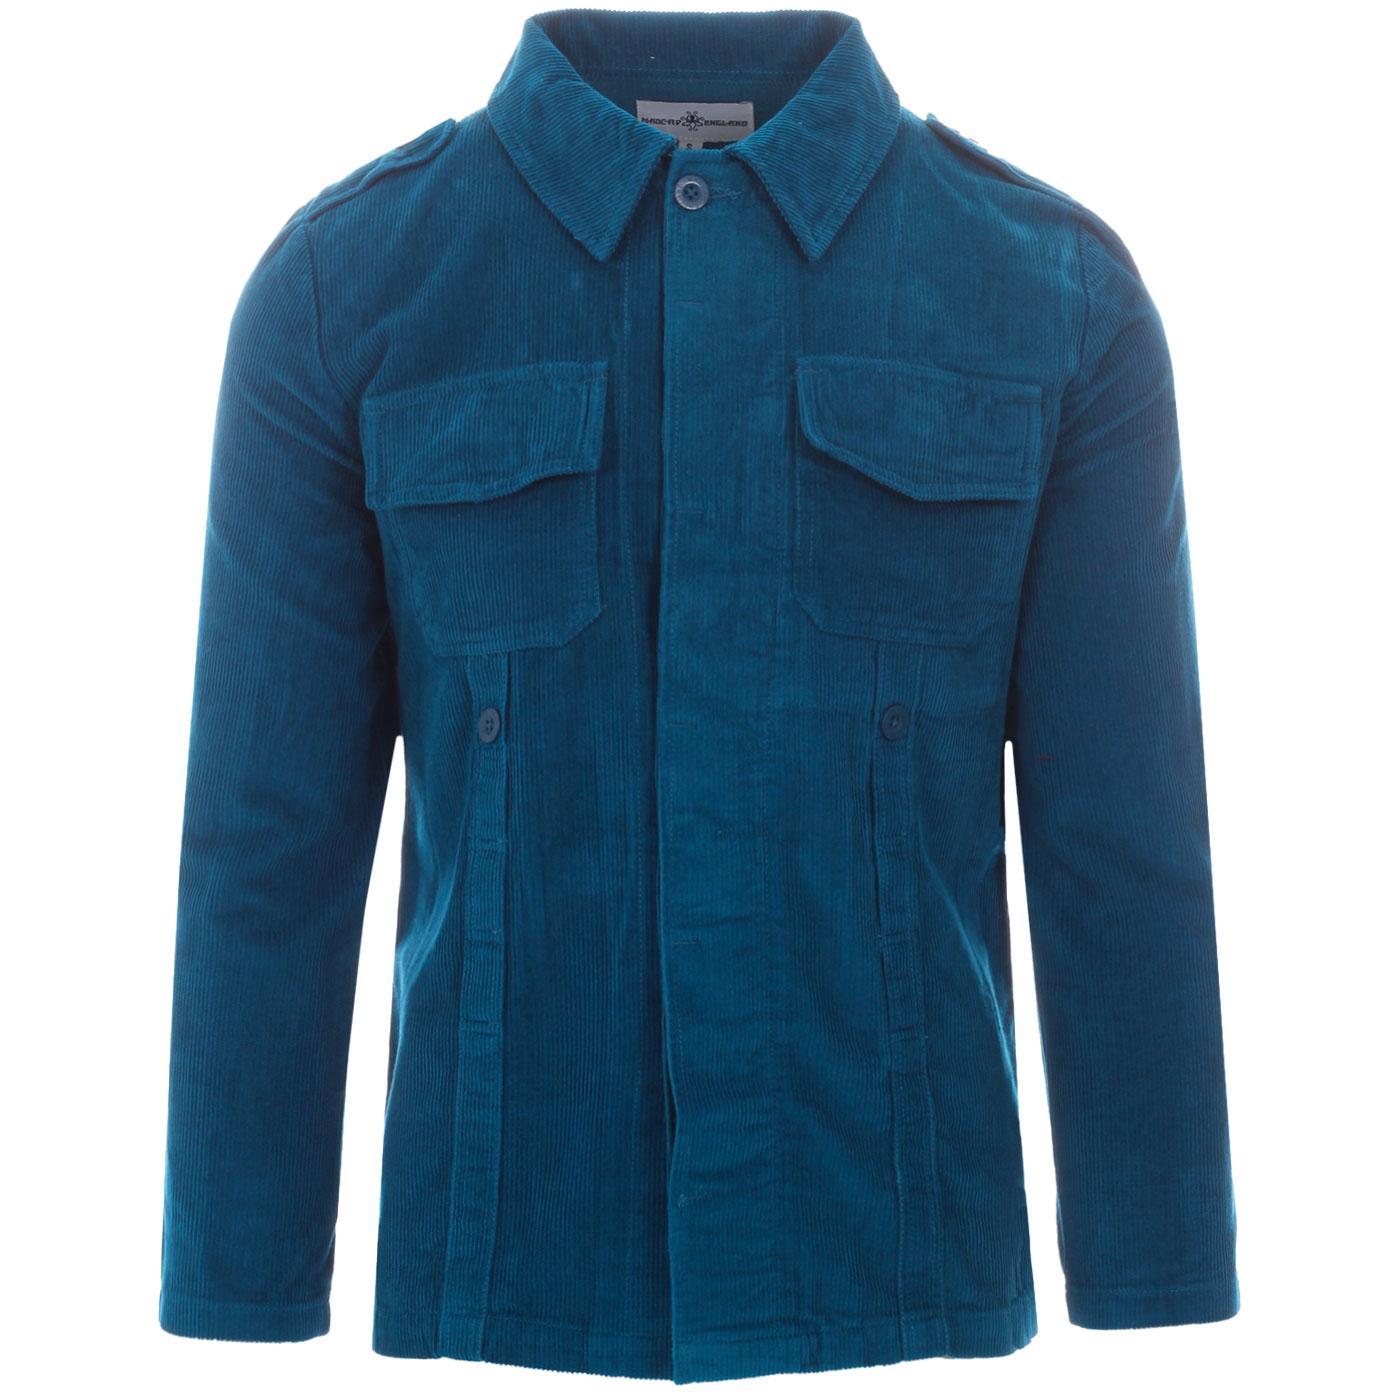 Lennon MADCAP ENGLAND Mod Cord Shirt Jacket (Ink)